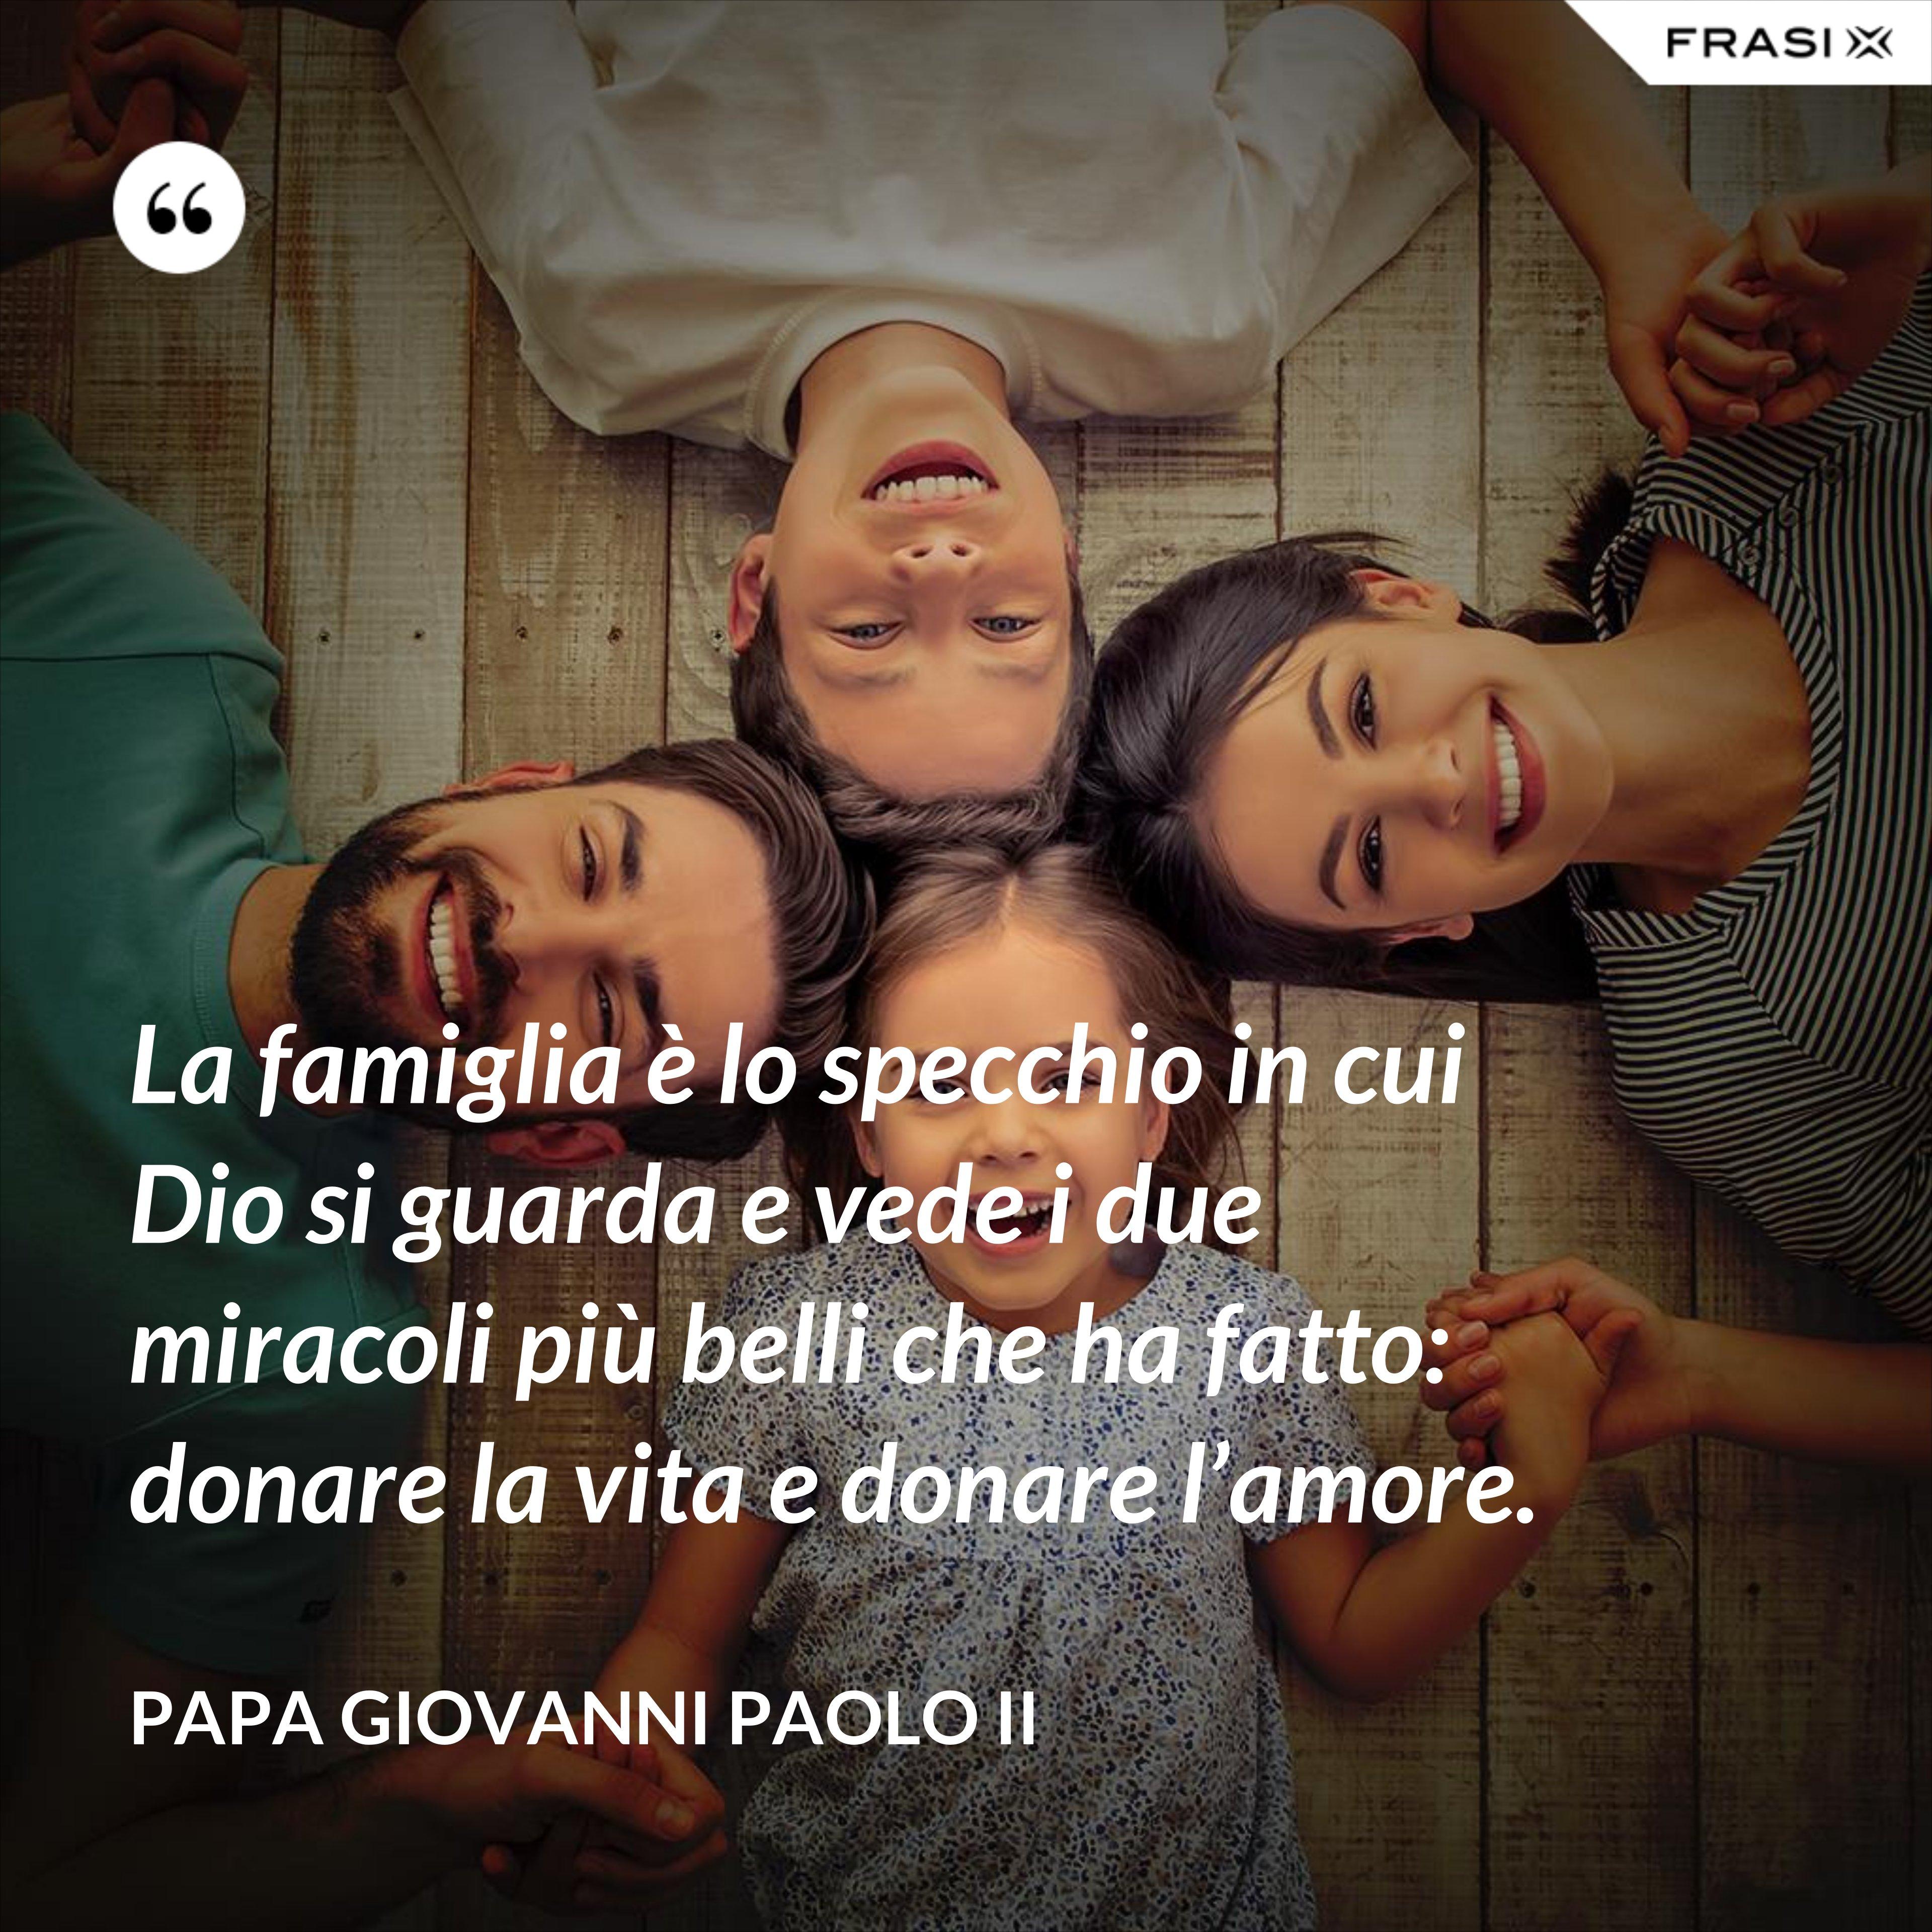 La famiglia è lo specchio in cui Dio si guarda e vede i due miracoli più belli che ha fatto: donare la vita e donare l'amore. - Papa Giovanni Paolo II